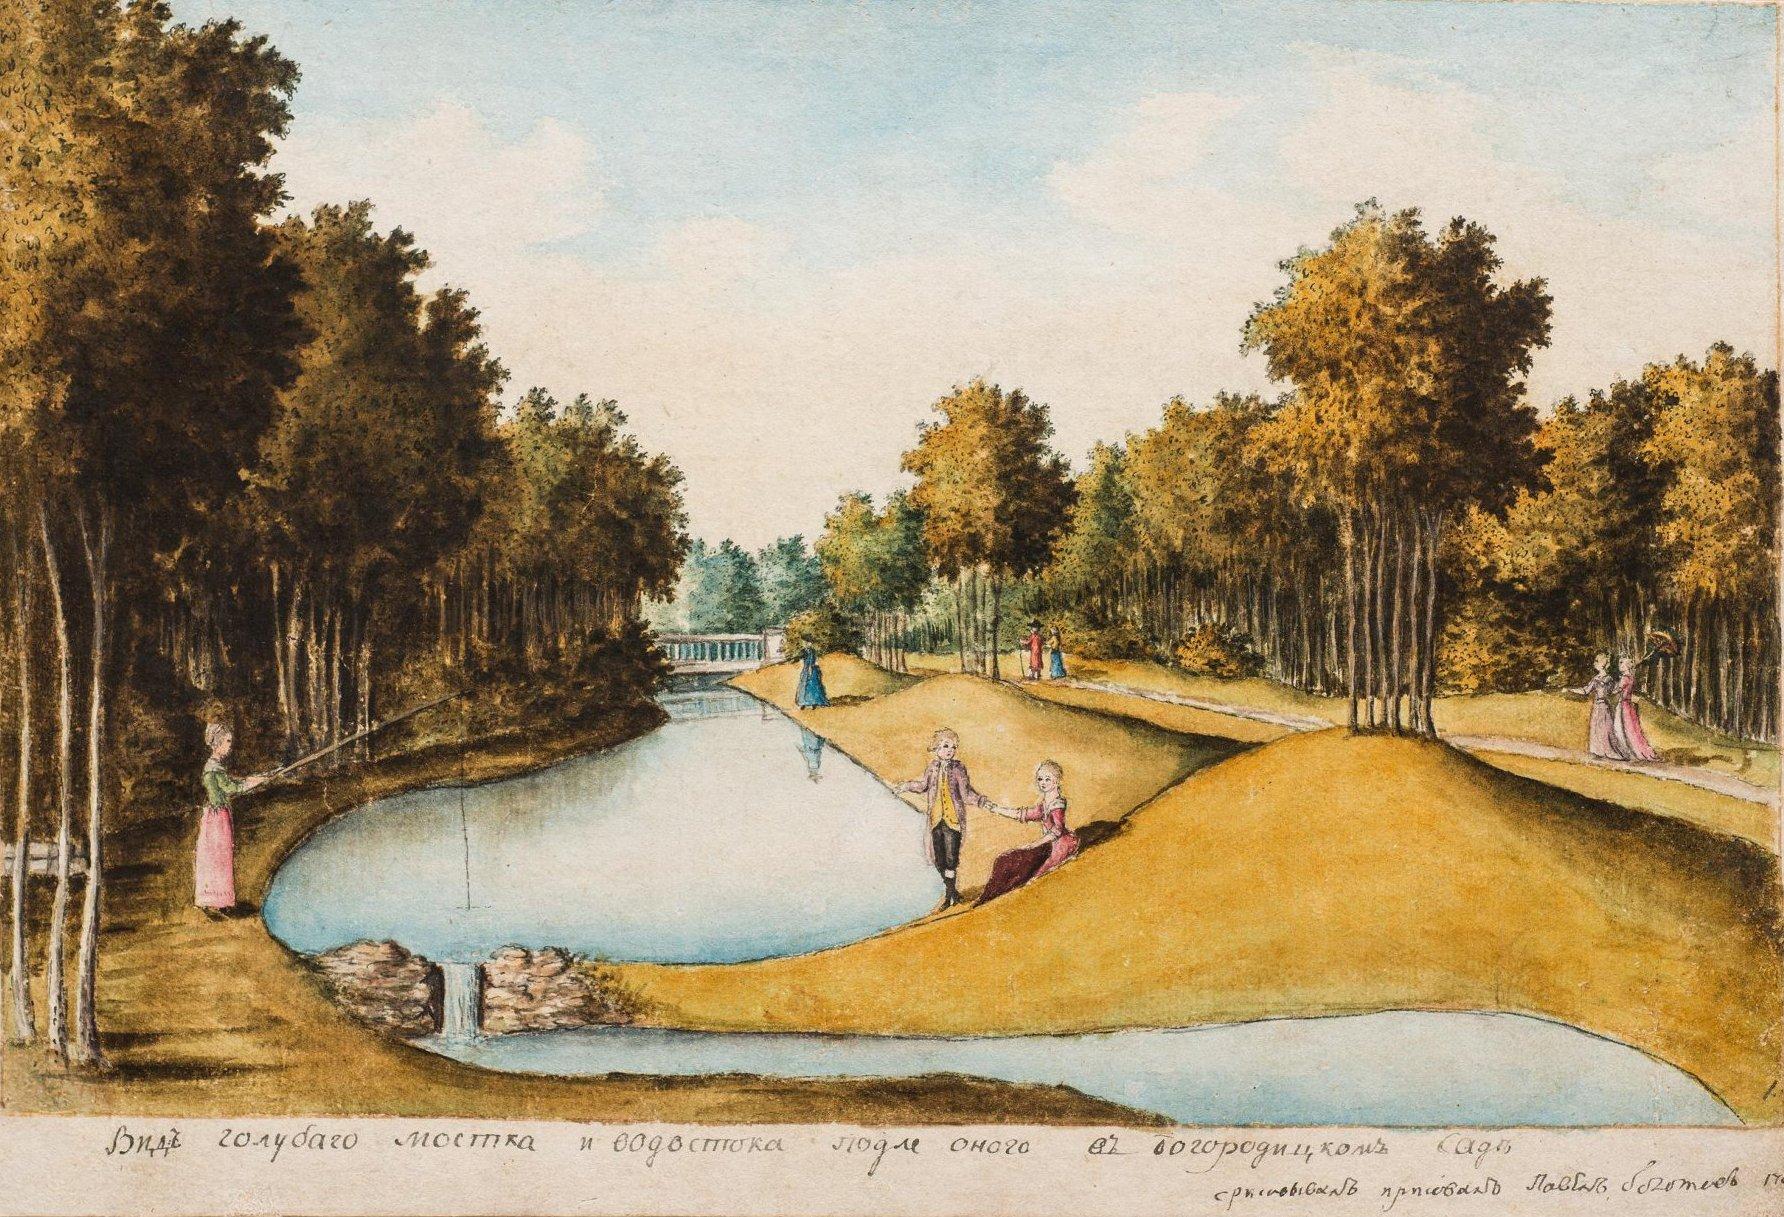 Вид на Голубой мостик от водостока в Богородицком парке (Вид голубого мостка и водостока подле оного в Богородицком саде)